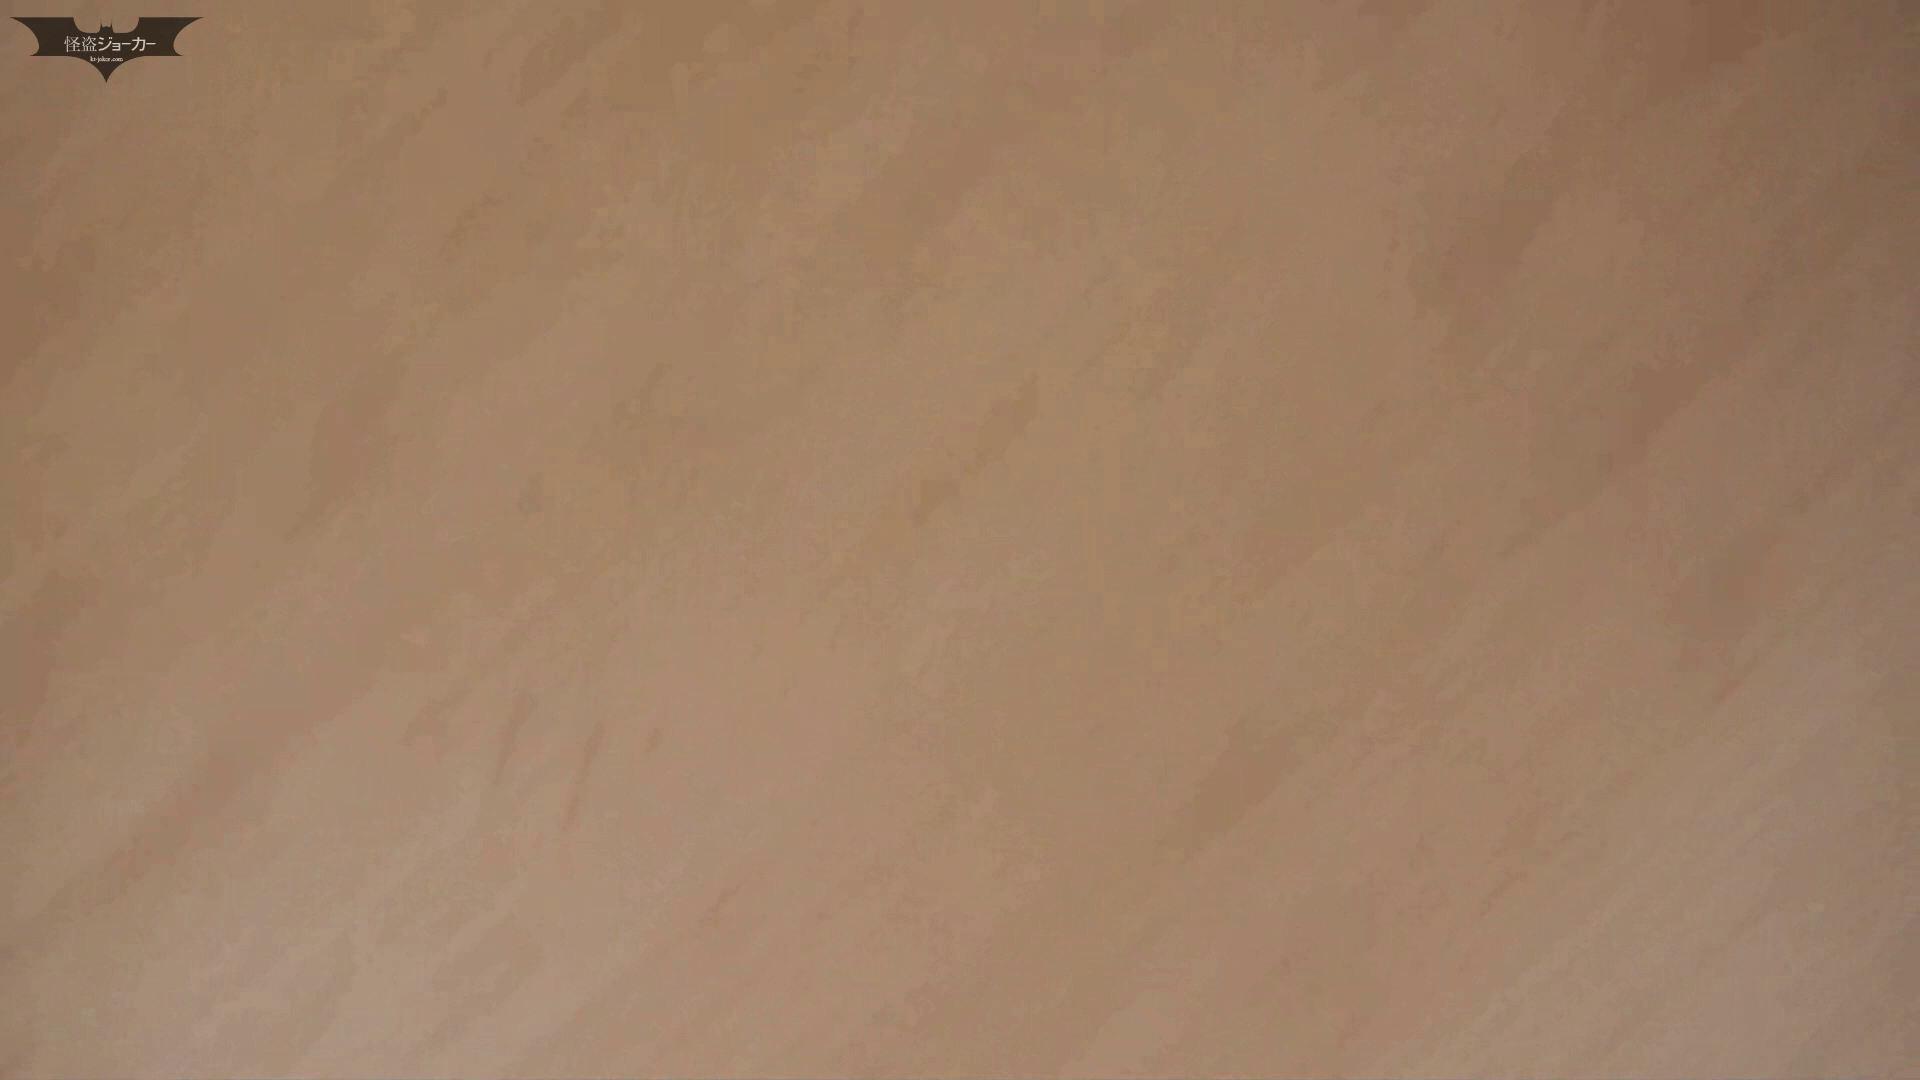 阿国ちゃんの和式洋式七変化 Vol.26 女子会開催でJD大集合! 和式 盗撮 89PIX 33